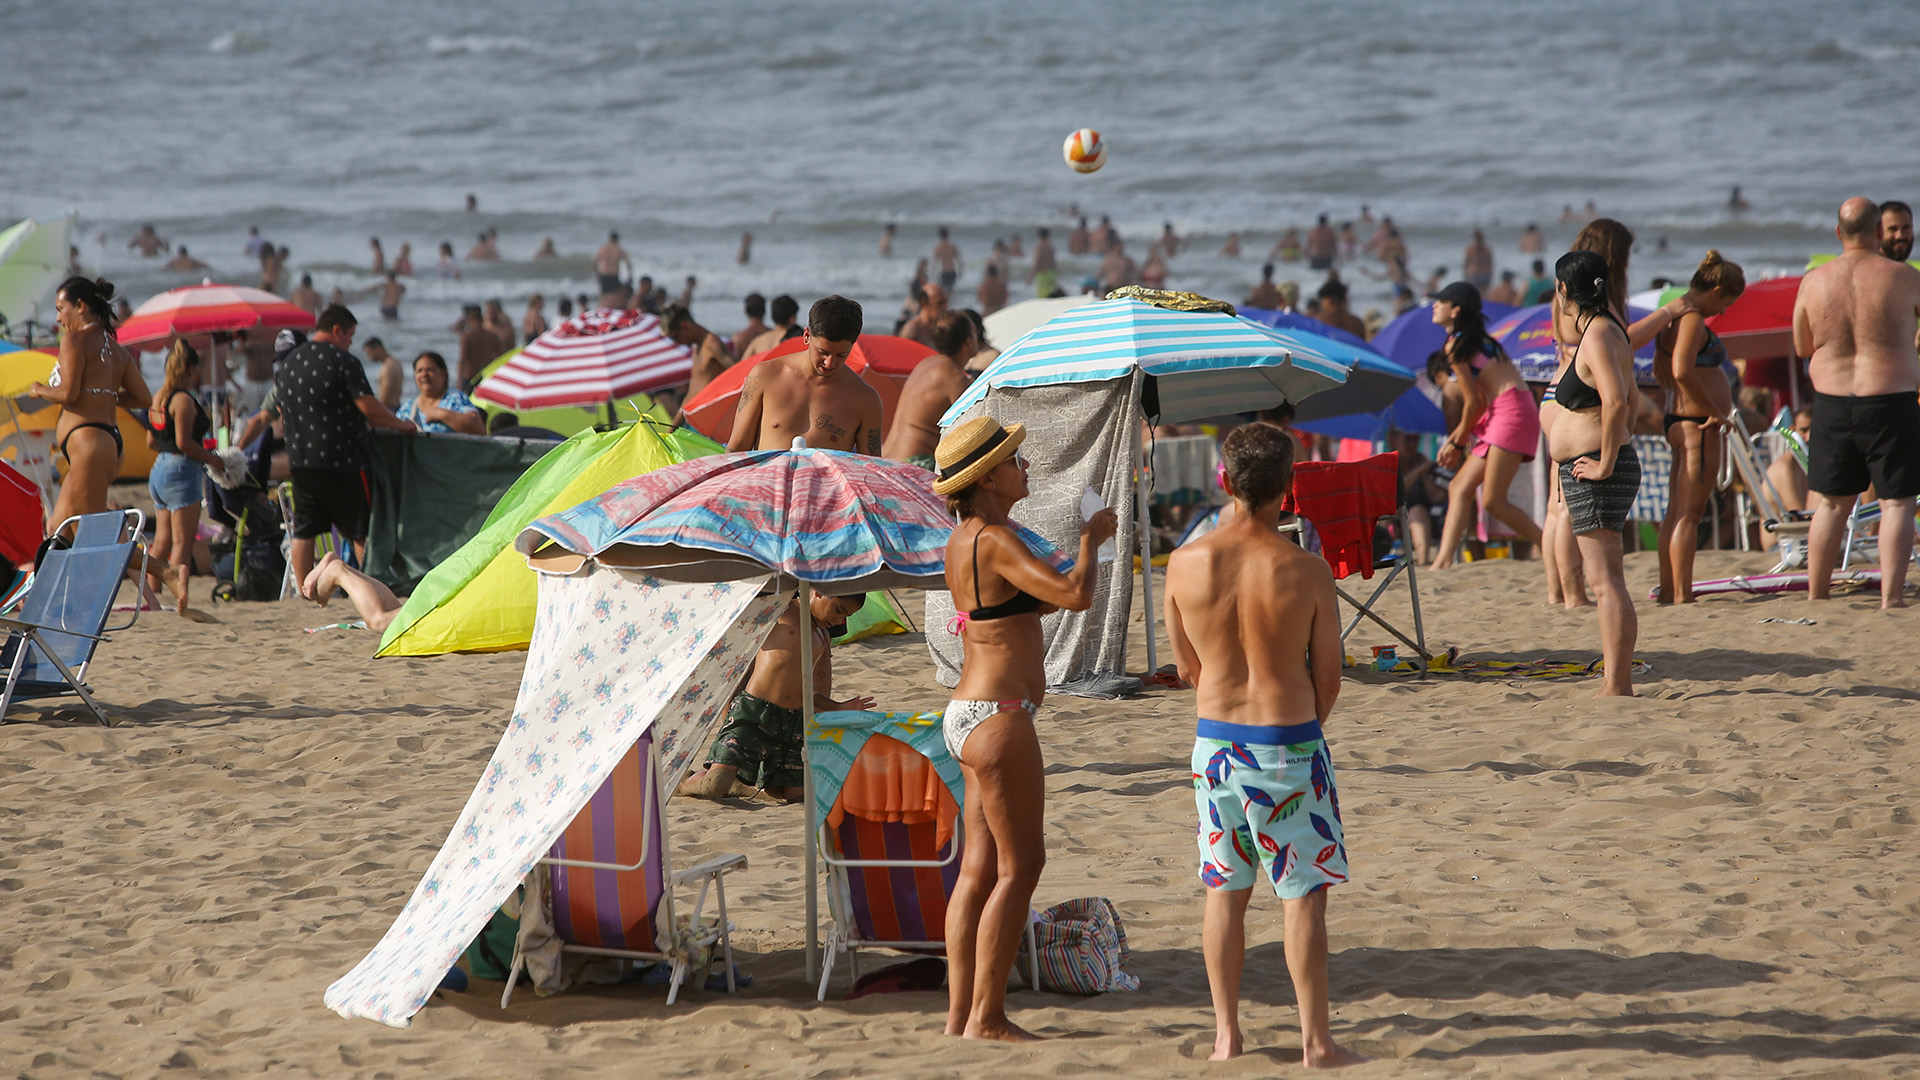 En general, el público mostró un buen comportamiento en las playas, respetando el uso de barbijo en lugares comunes y el distanciamiento